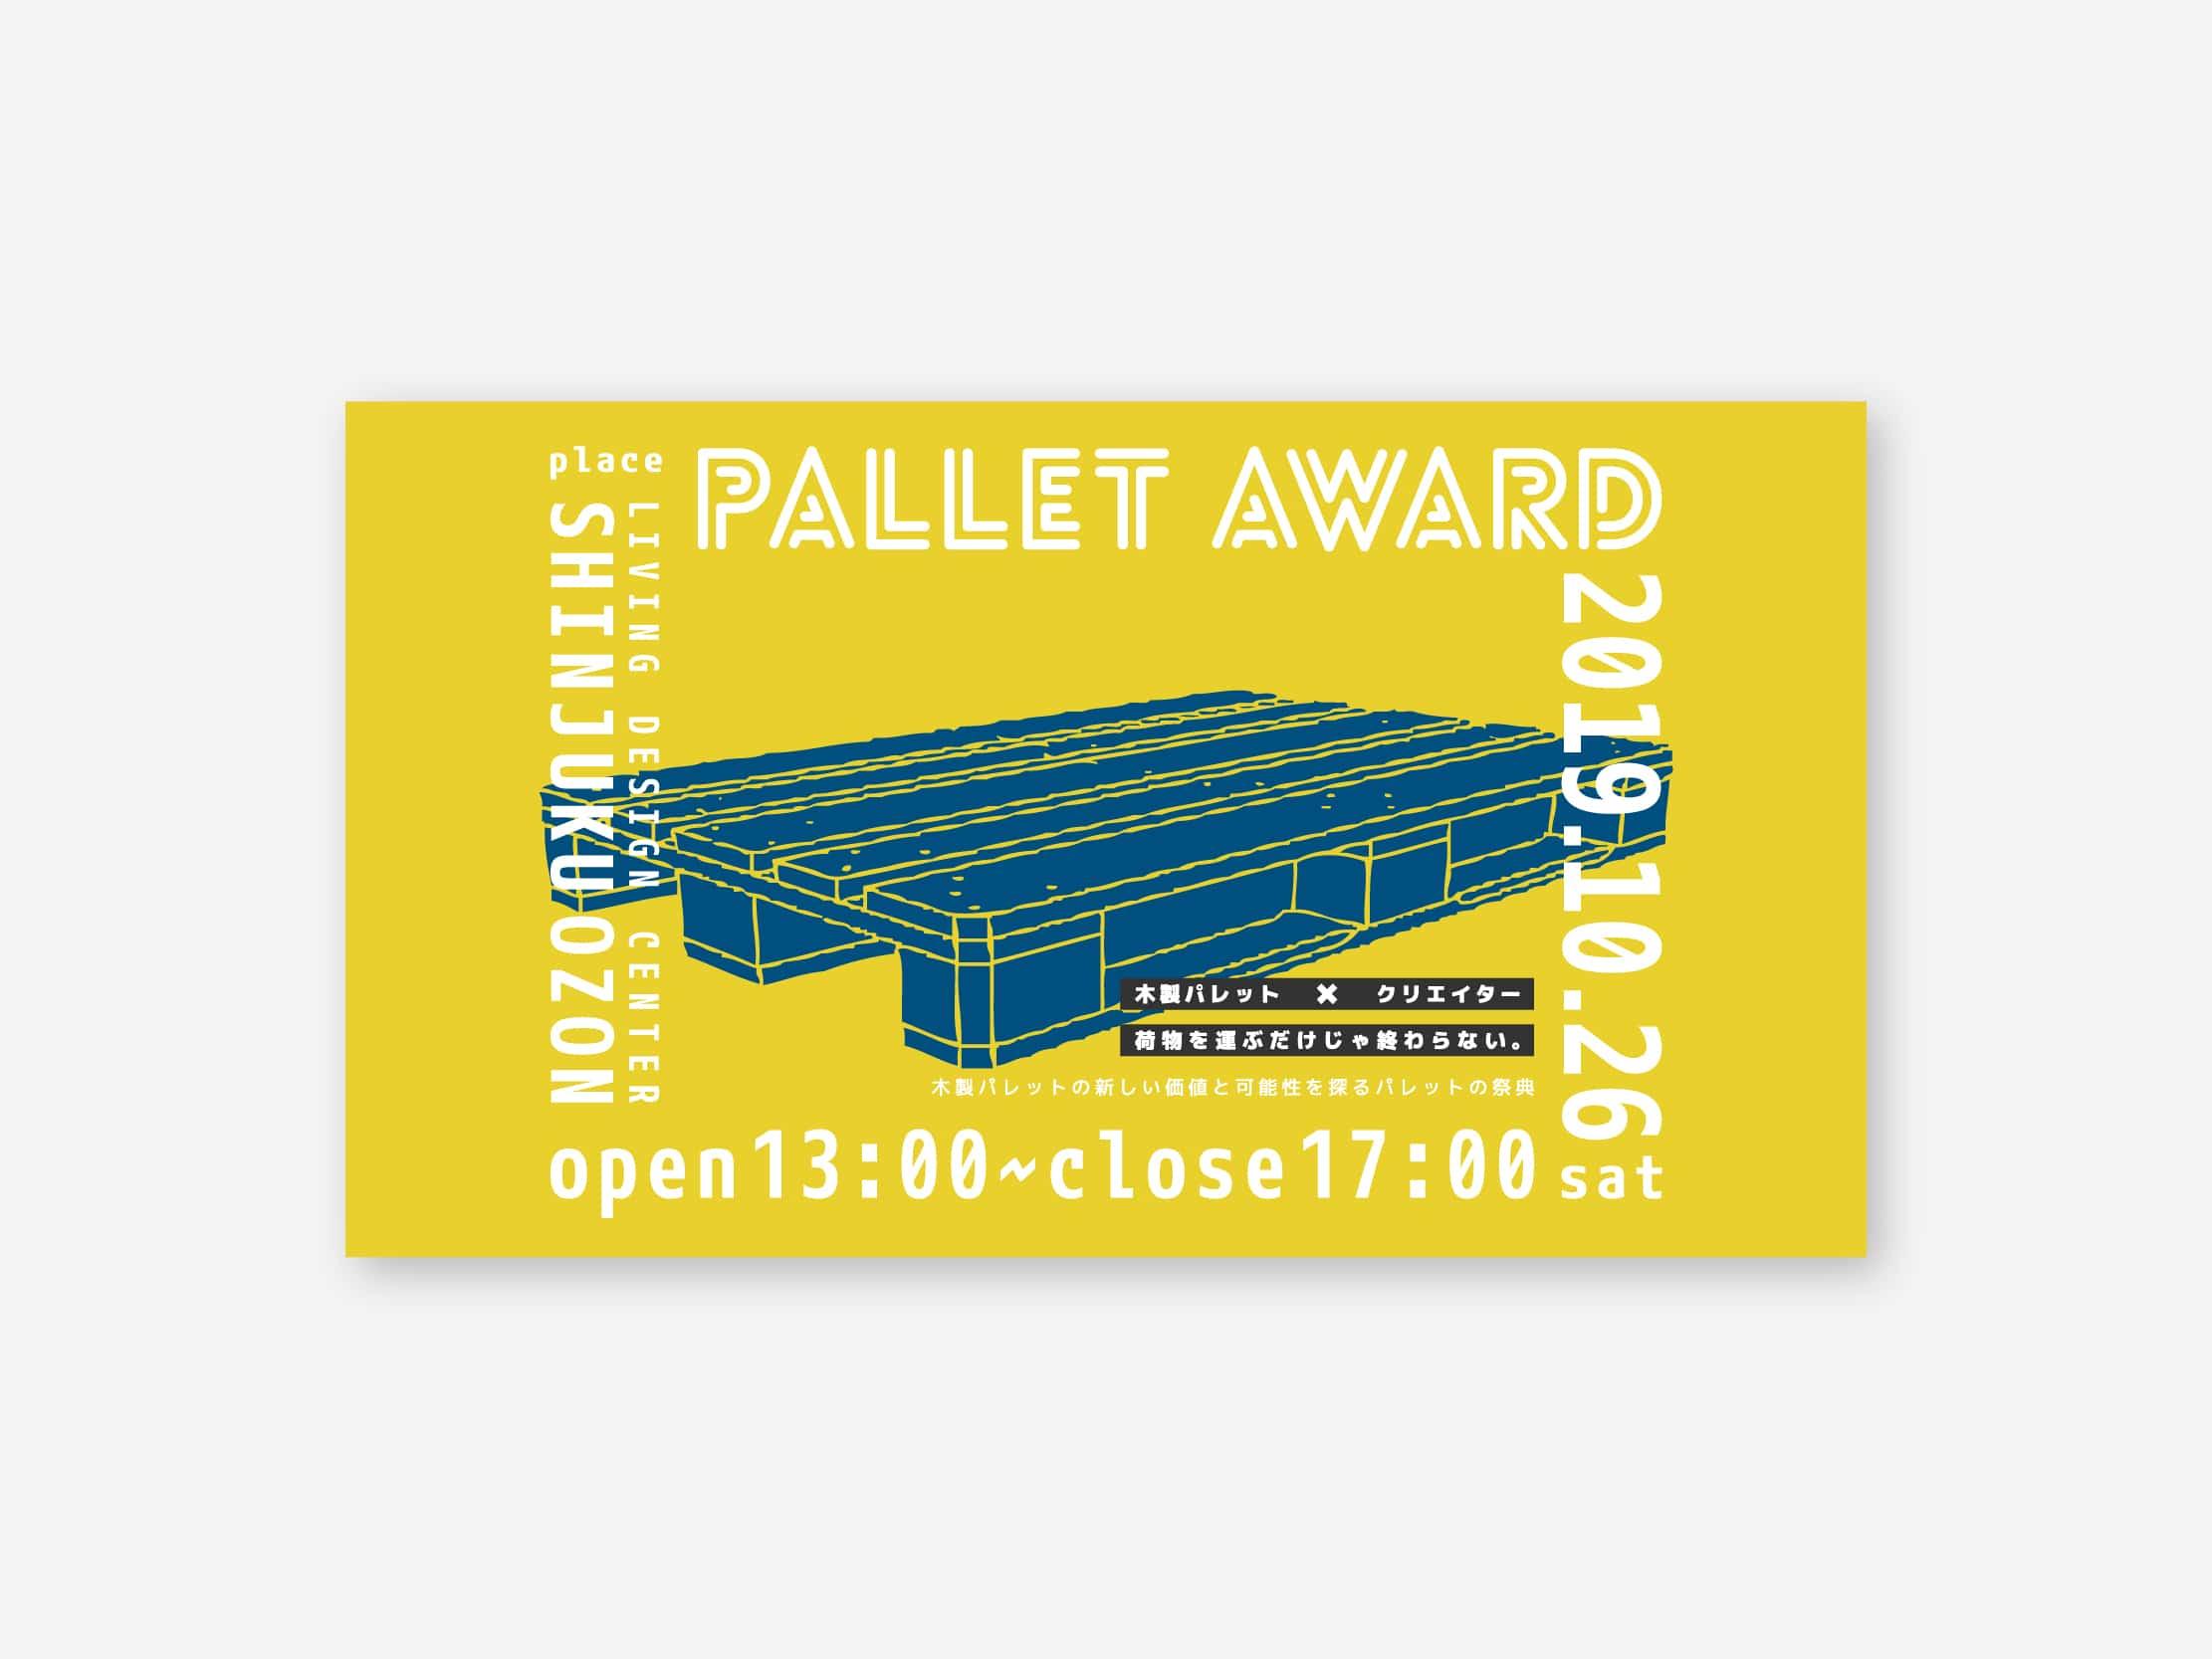 PALLET AWARD